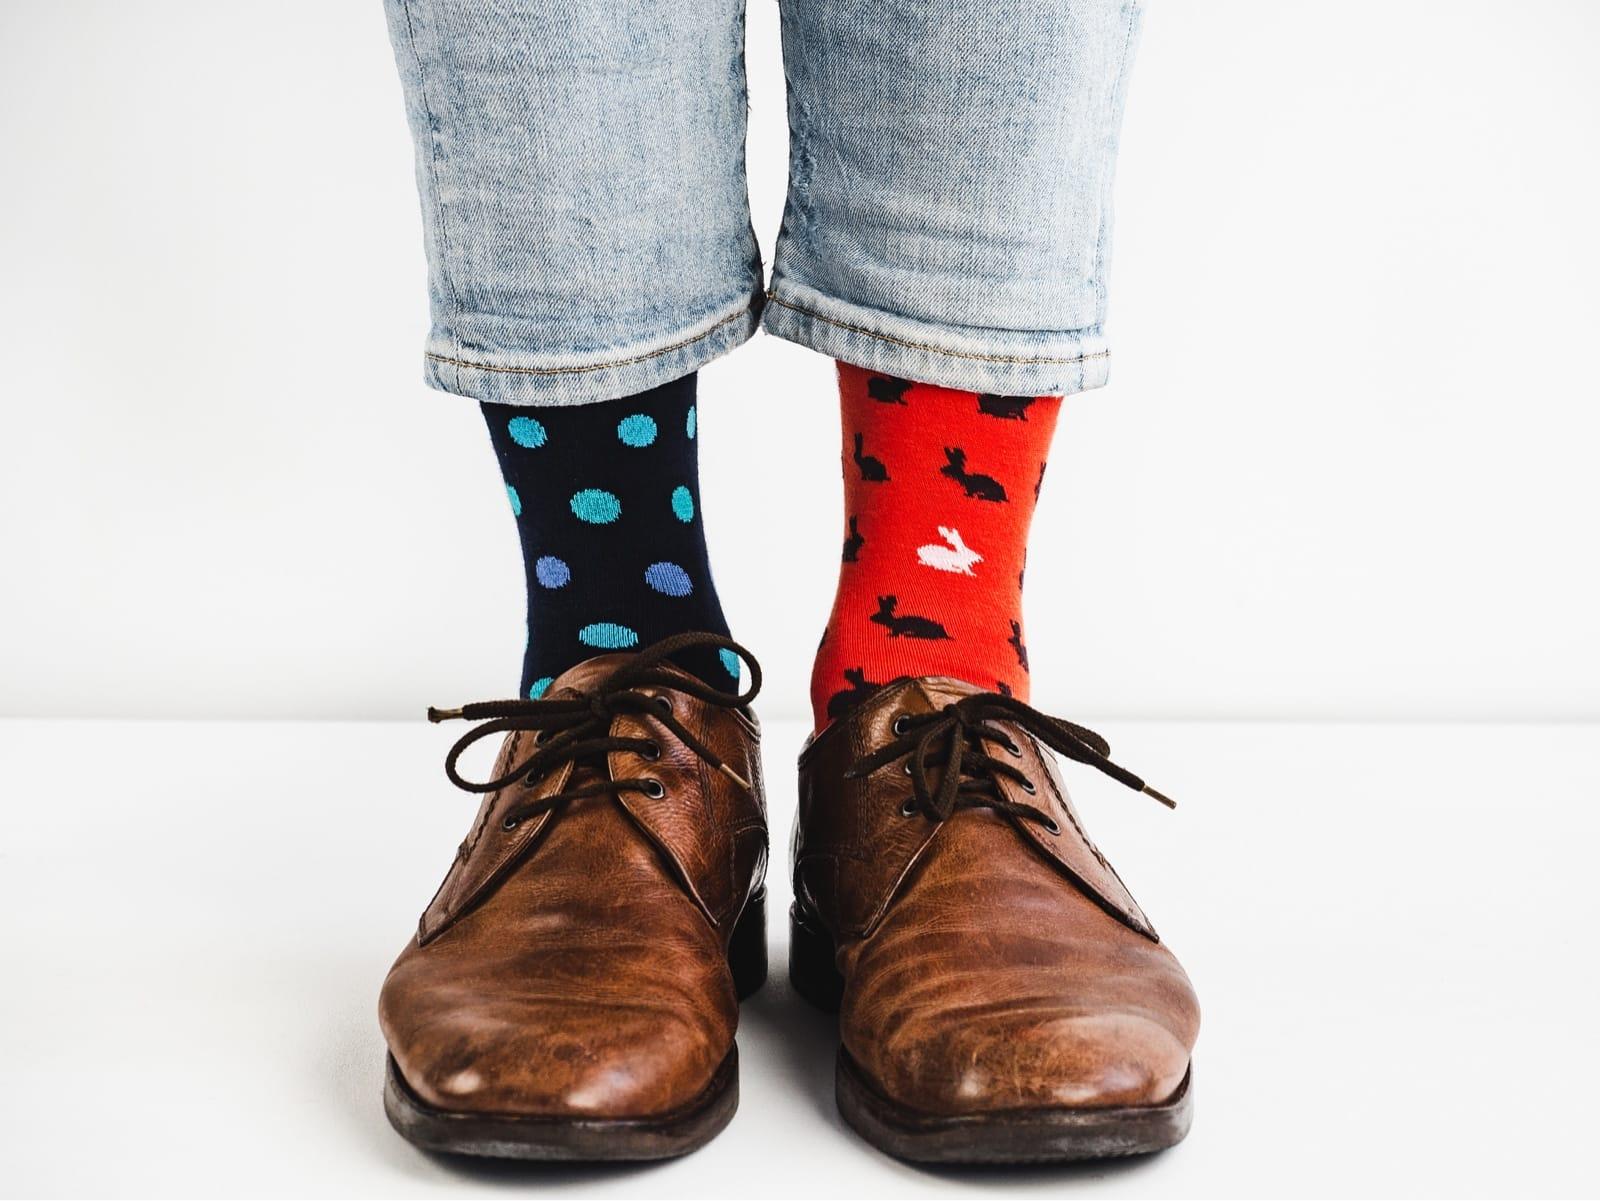 両足で靴下の柄が違う